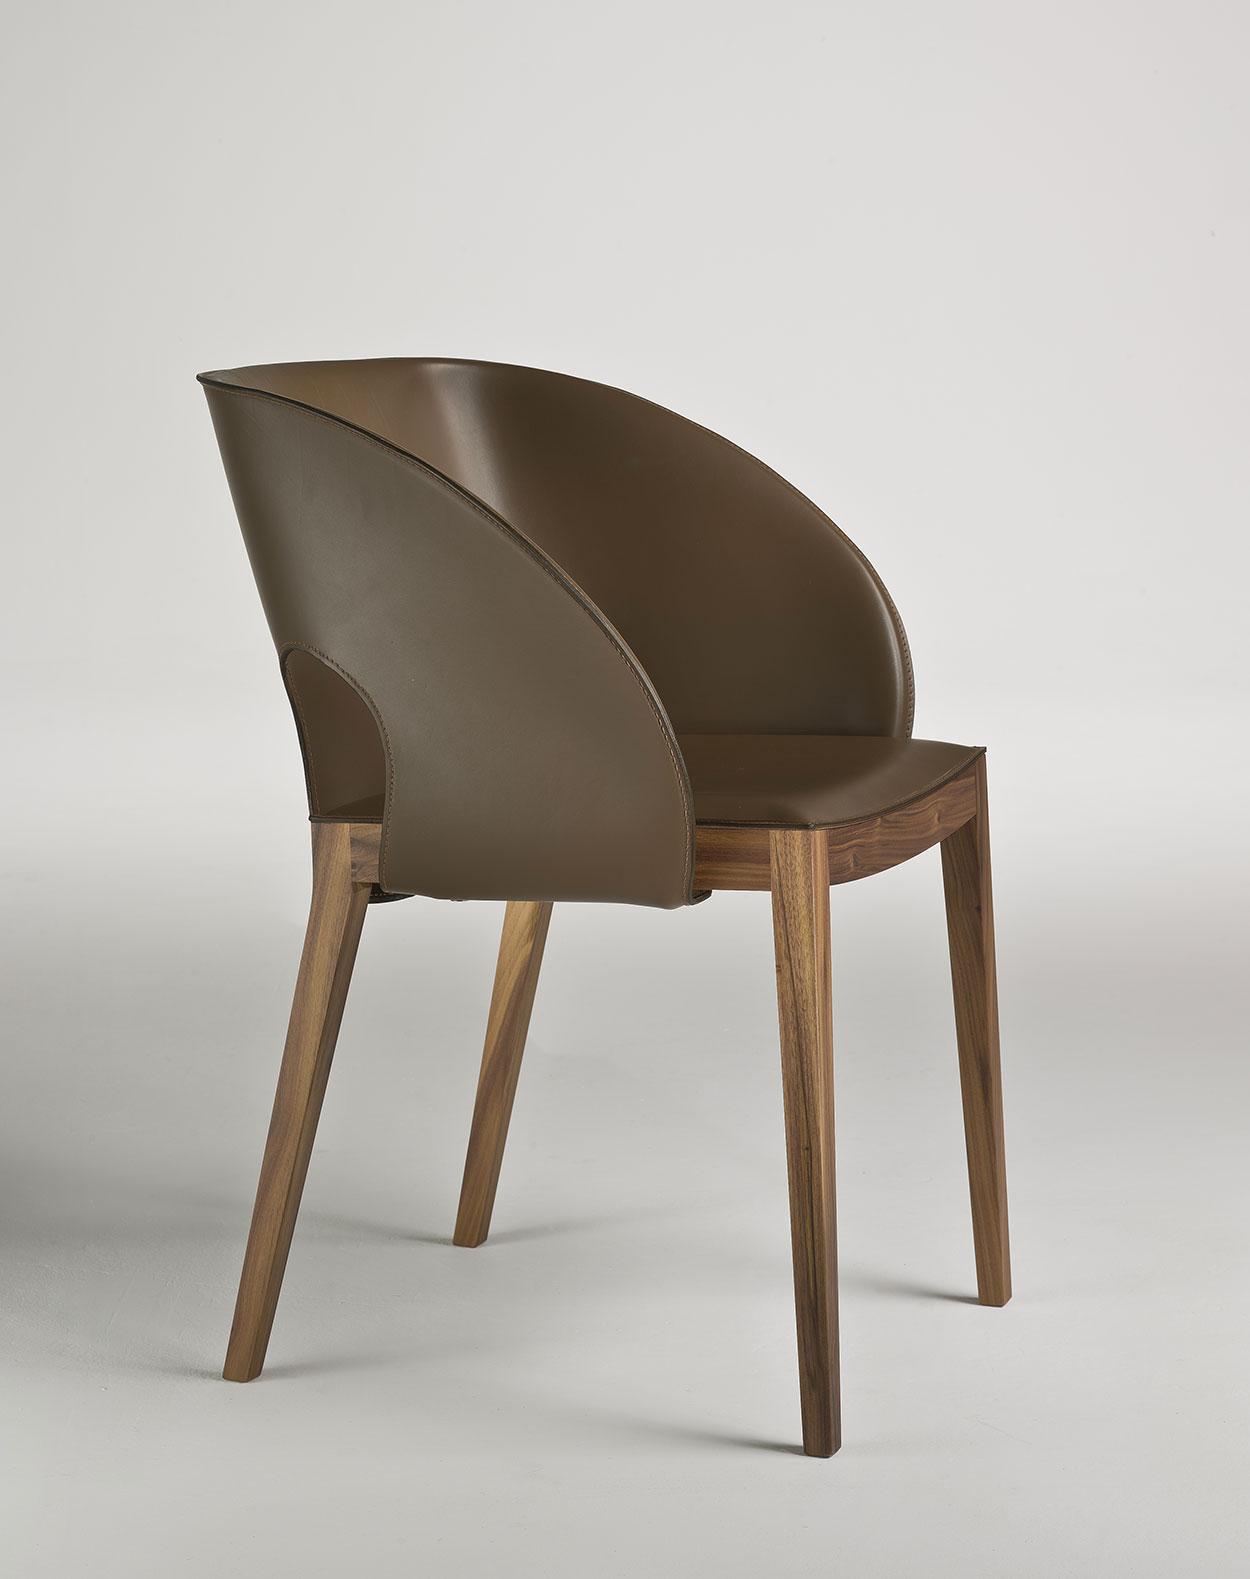 Voile sedia in cuoio e legno italy dream design for Sedie in cuoio